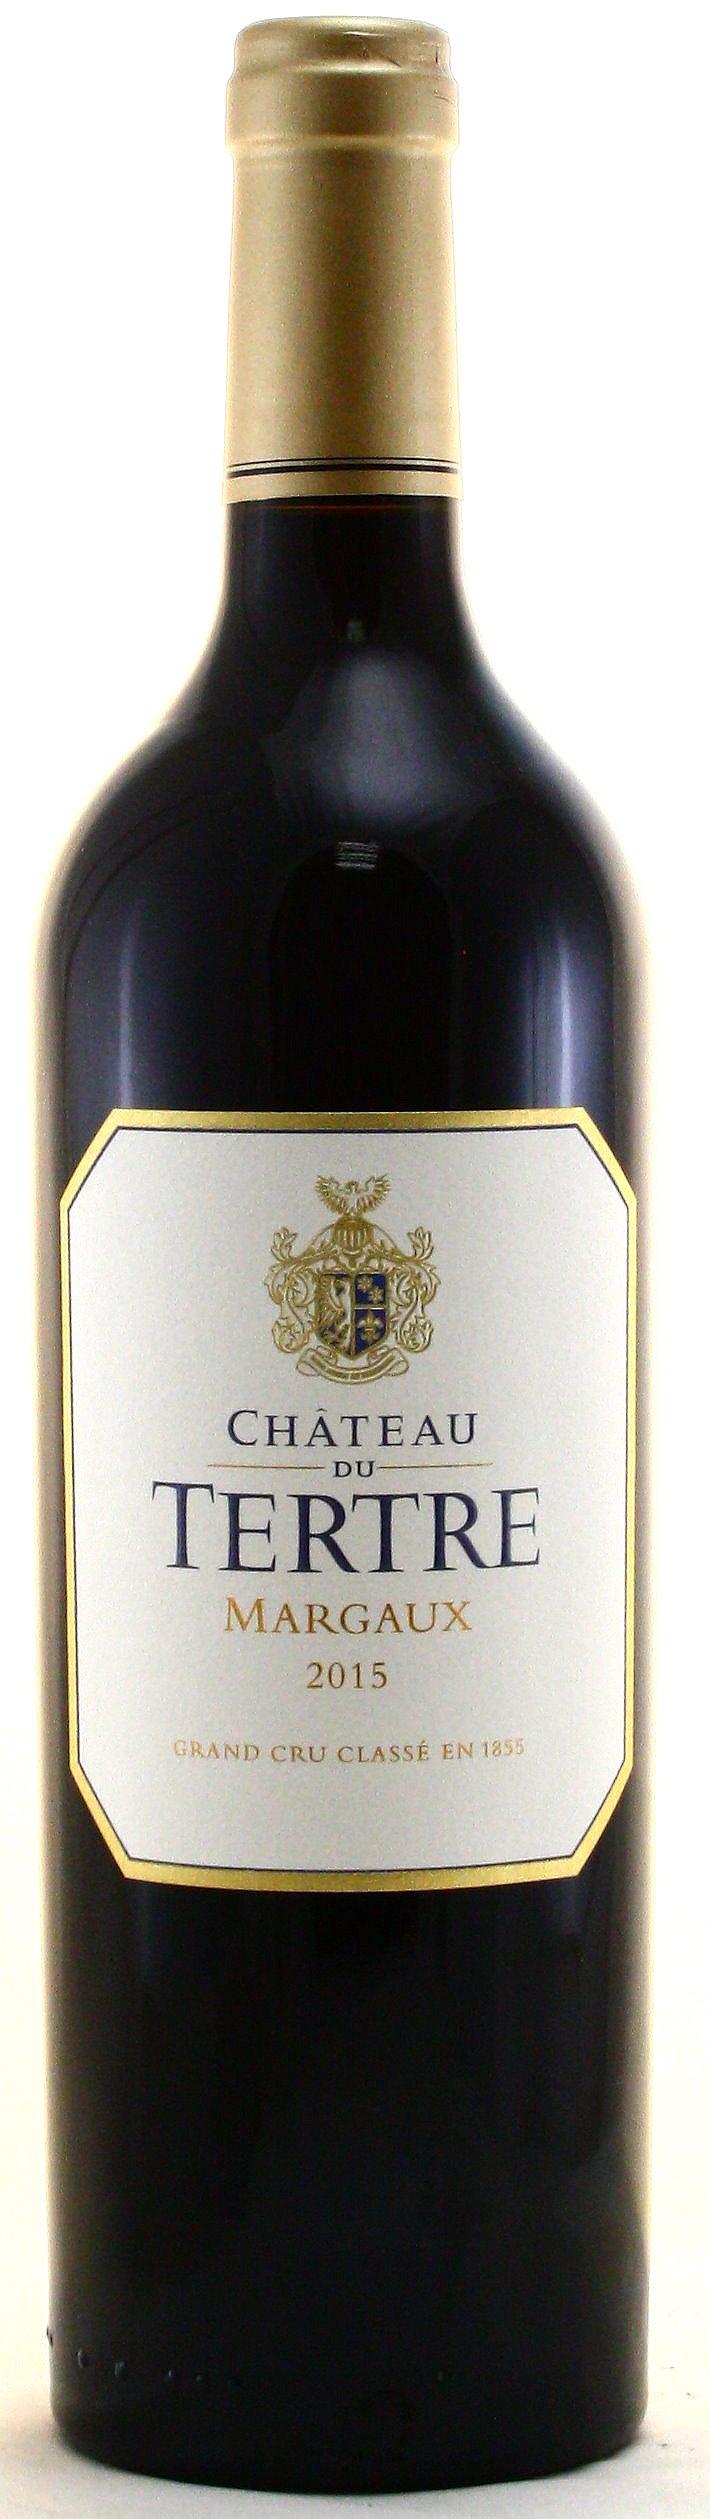 Château Du Tertre, Margaux Grand Cru Classé, Bordeaux